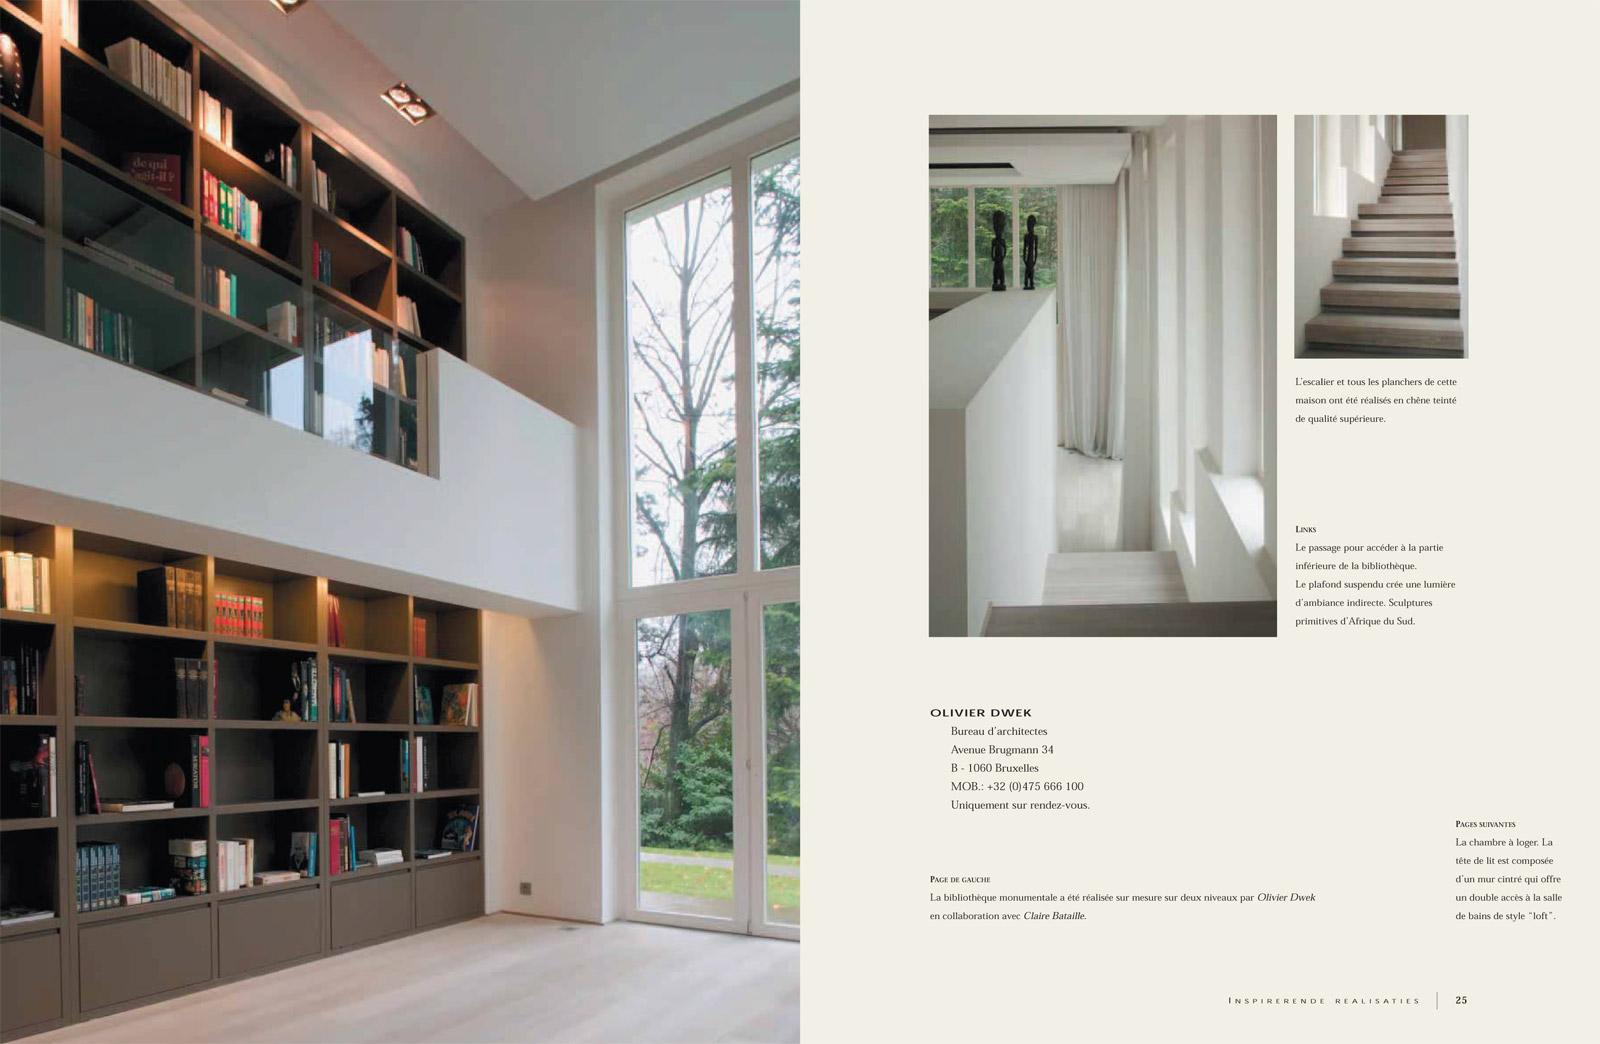 200300 interieurs contemporains 02 olivier dwek. Black Bedroom Furniture Sets. Home Design Ideas